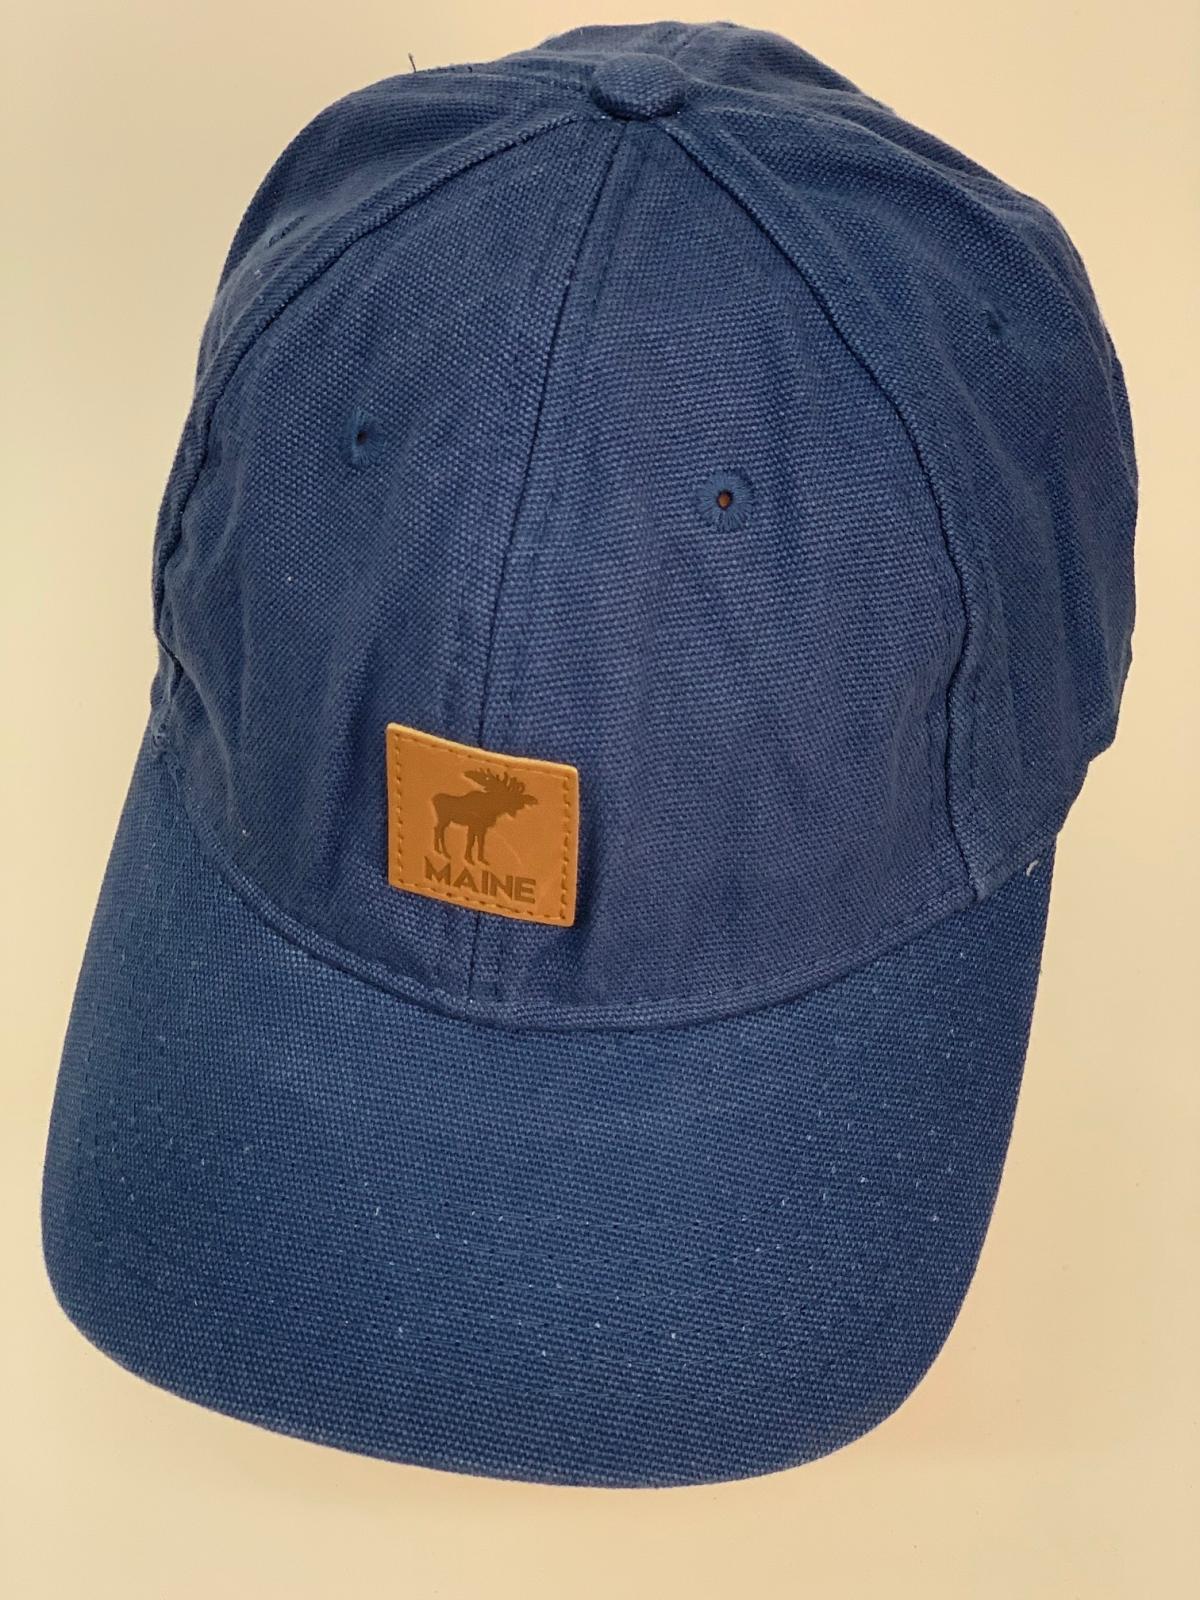 Бейсболка Maine синего цвета